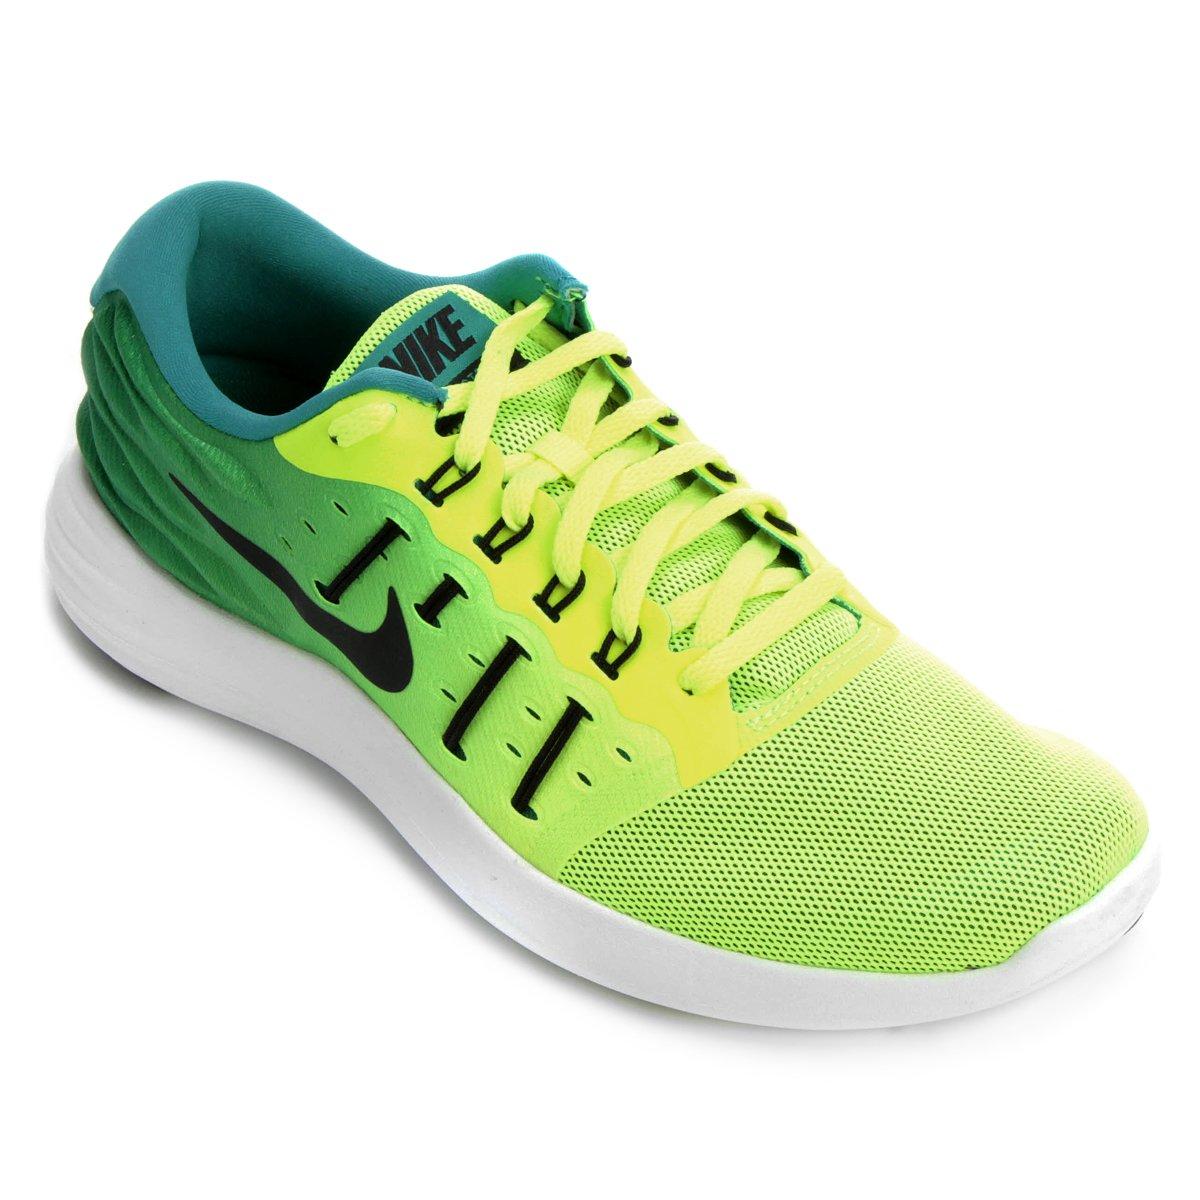 Tênis Nike Lunar Stelos Masculino - Compre Agora  c702cb69188af